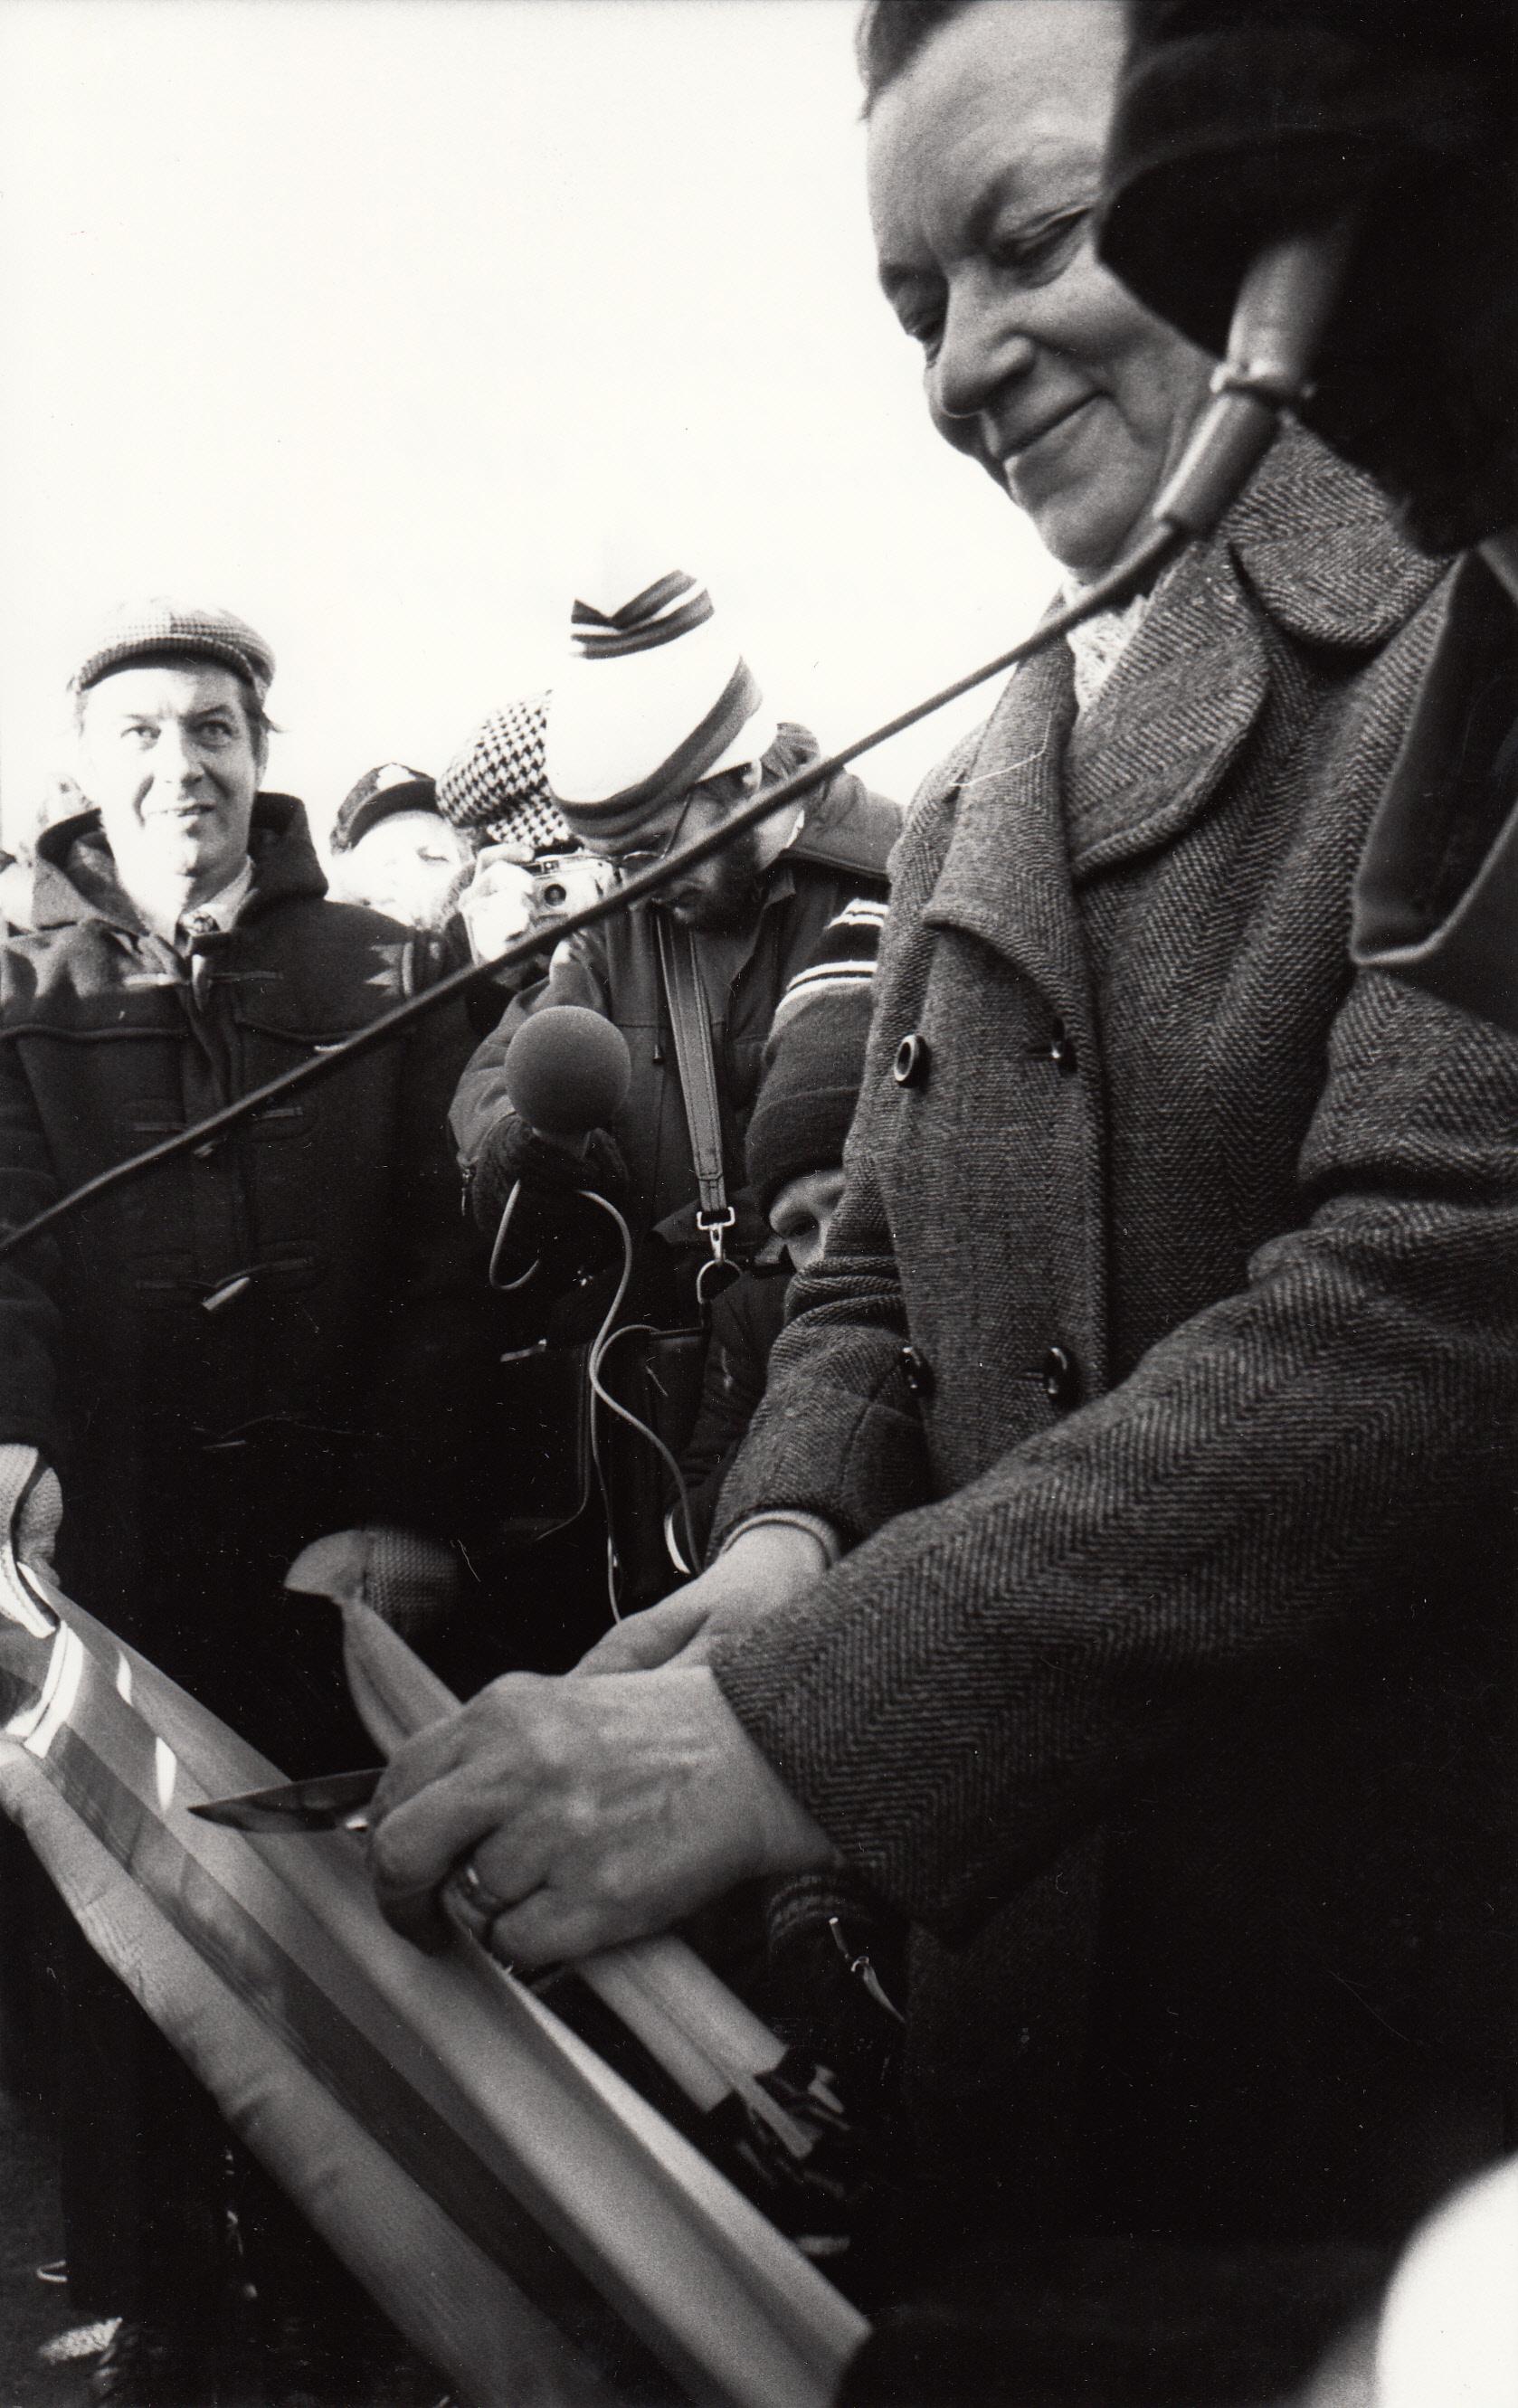 1978-10-28 Frida Lassinantti klipper bandet och öppnaar Seskaröbron. I bakgrunden vägdirektör Åström.